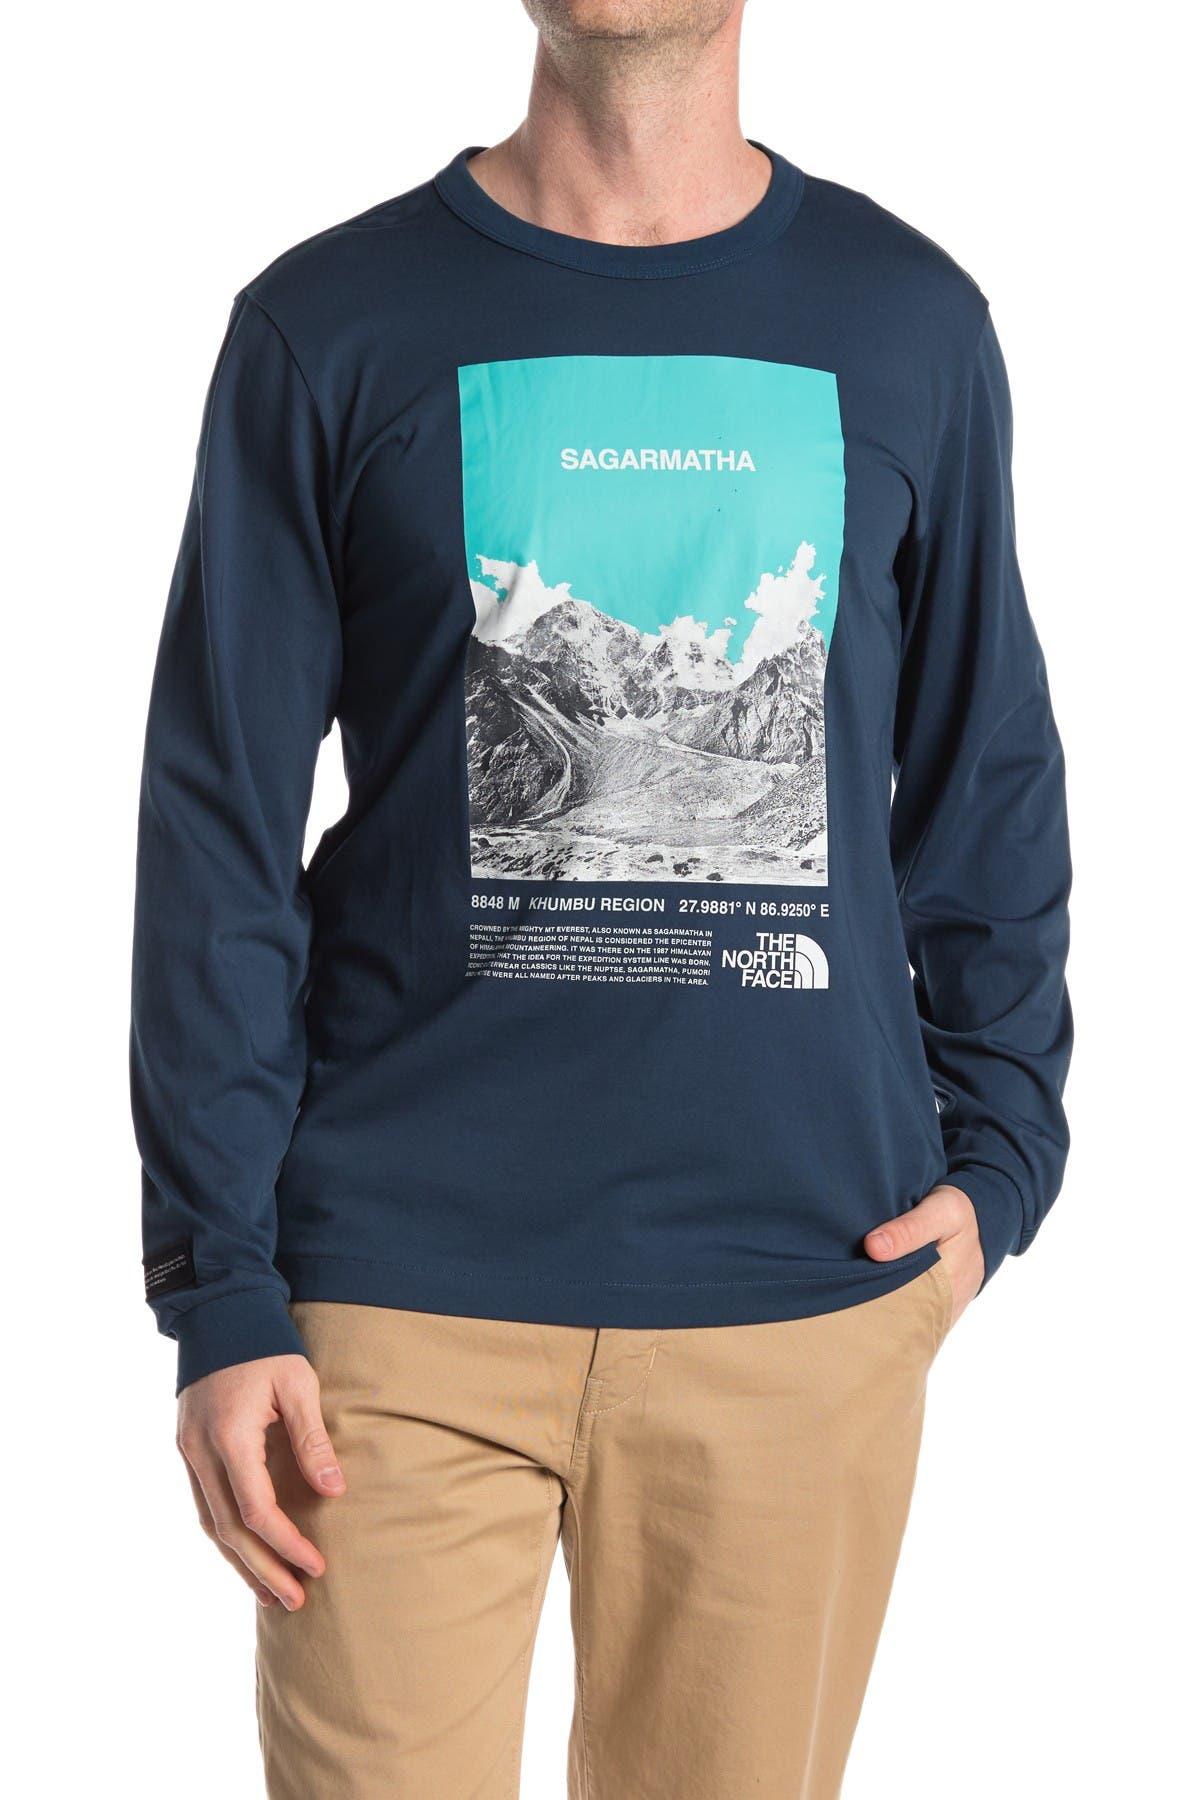 Image of The North Face Sagarmatha Long Sleeve T-Shirt